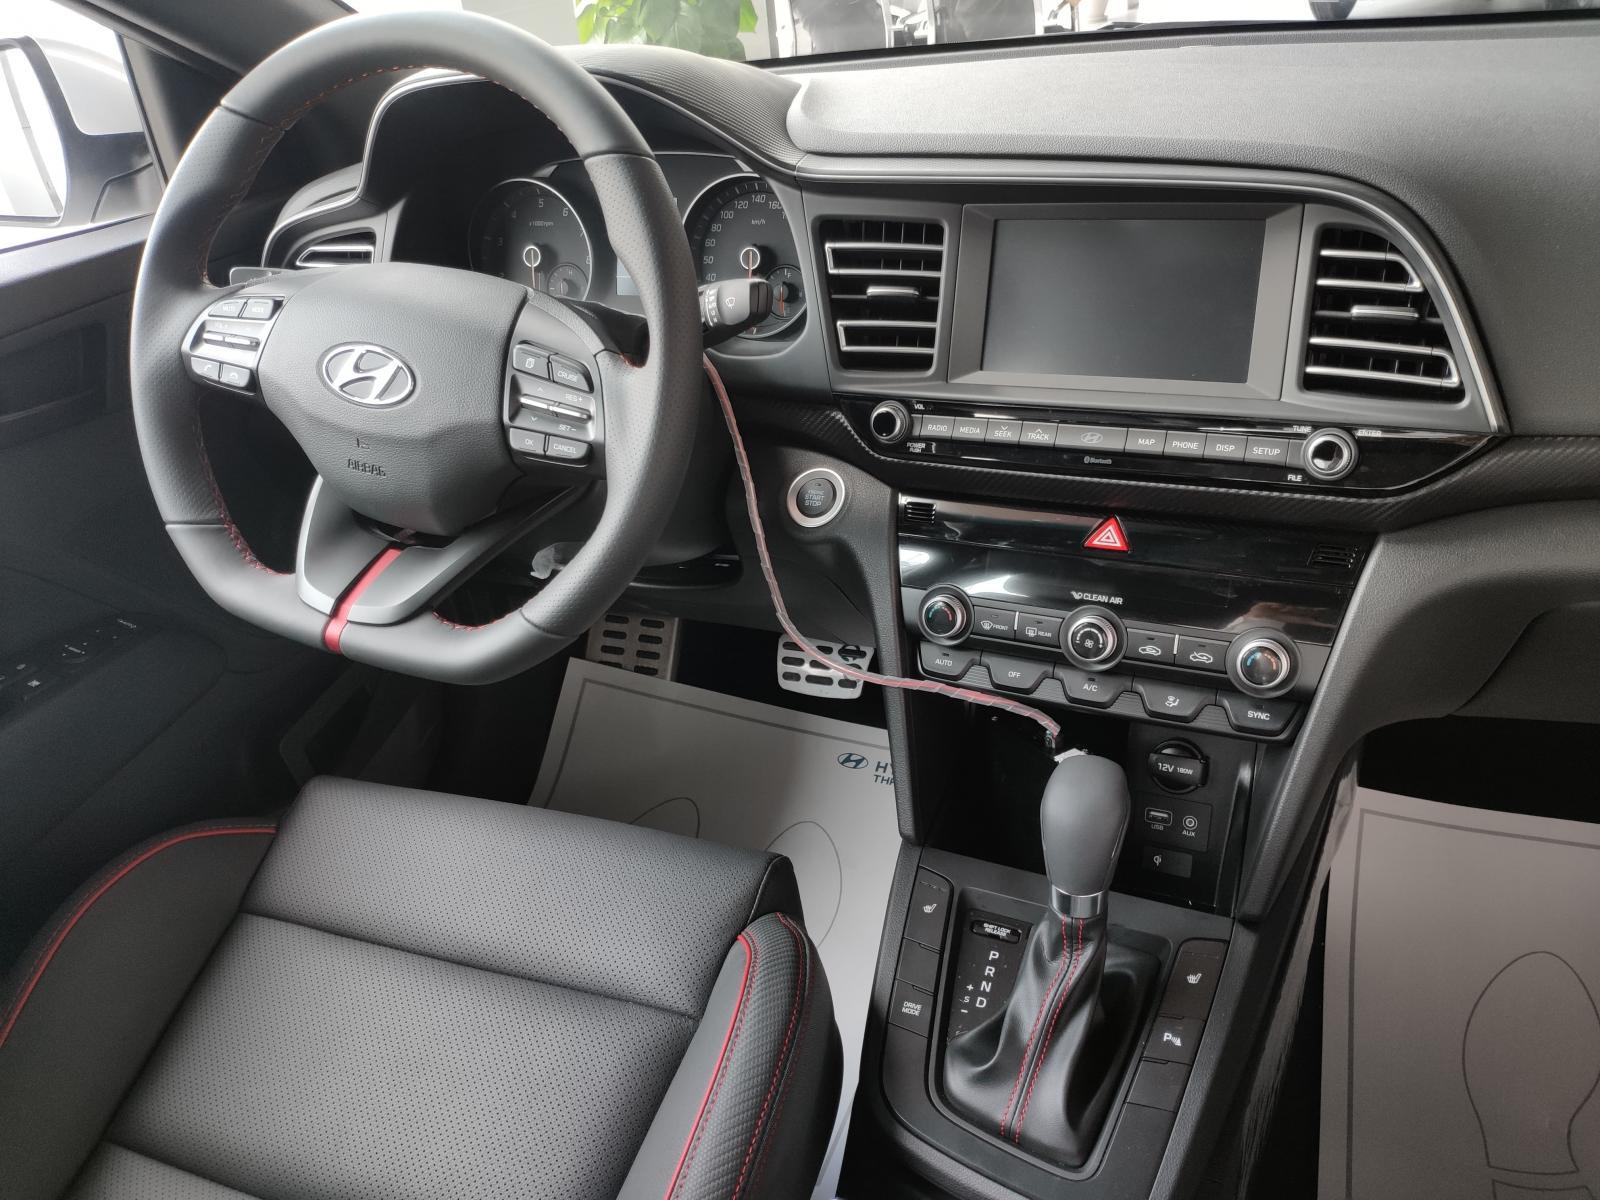 Hyundai Elantra 2021 - Giảm nóng 50 triệu - Cam kêt giá tốt nhất hệ thống